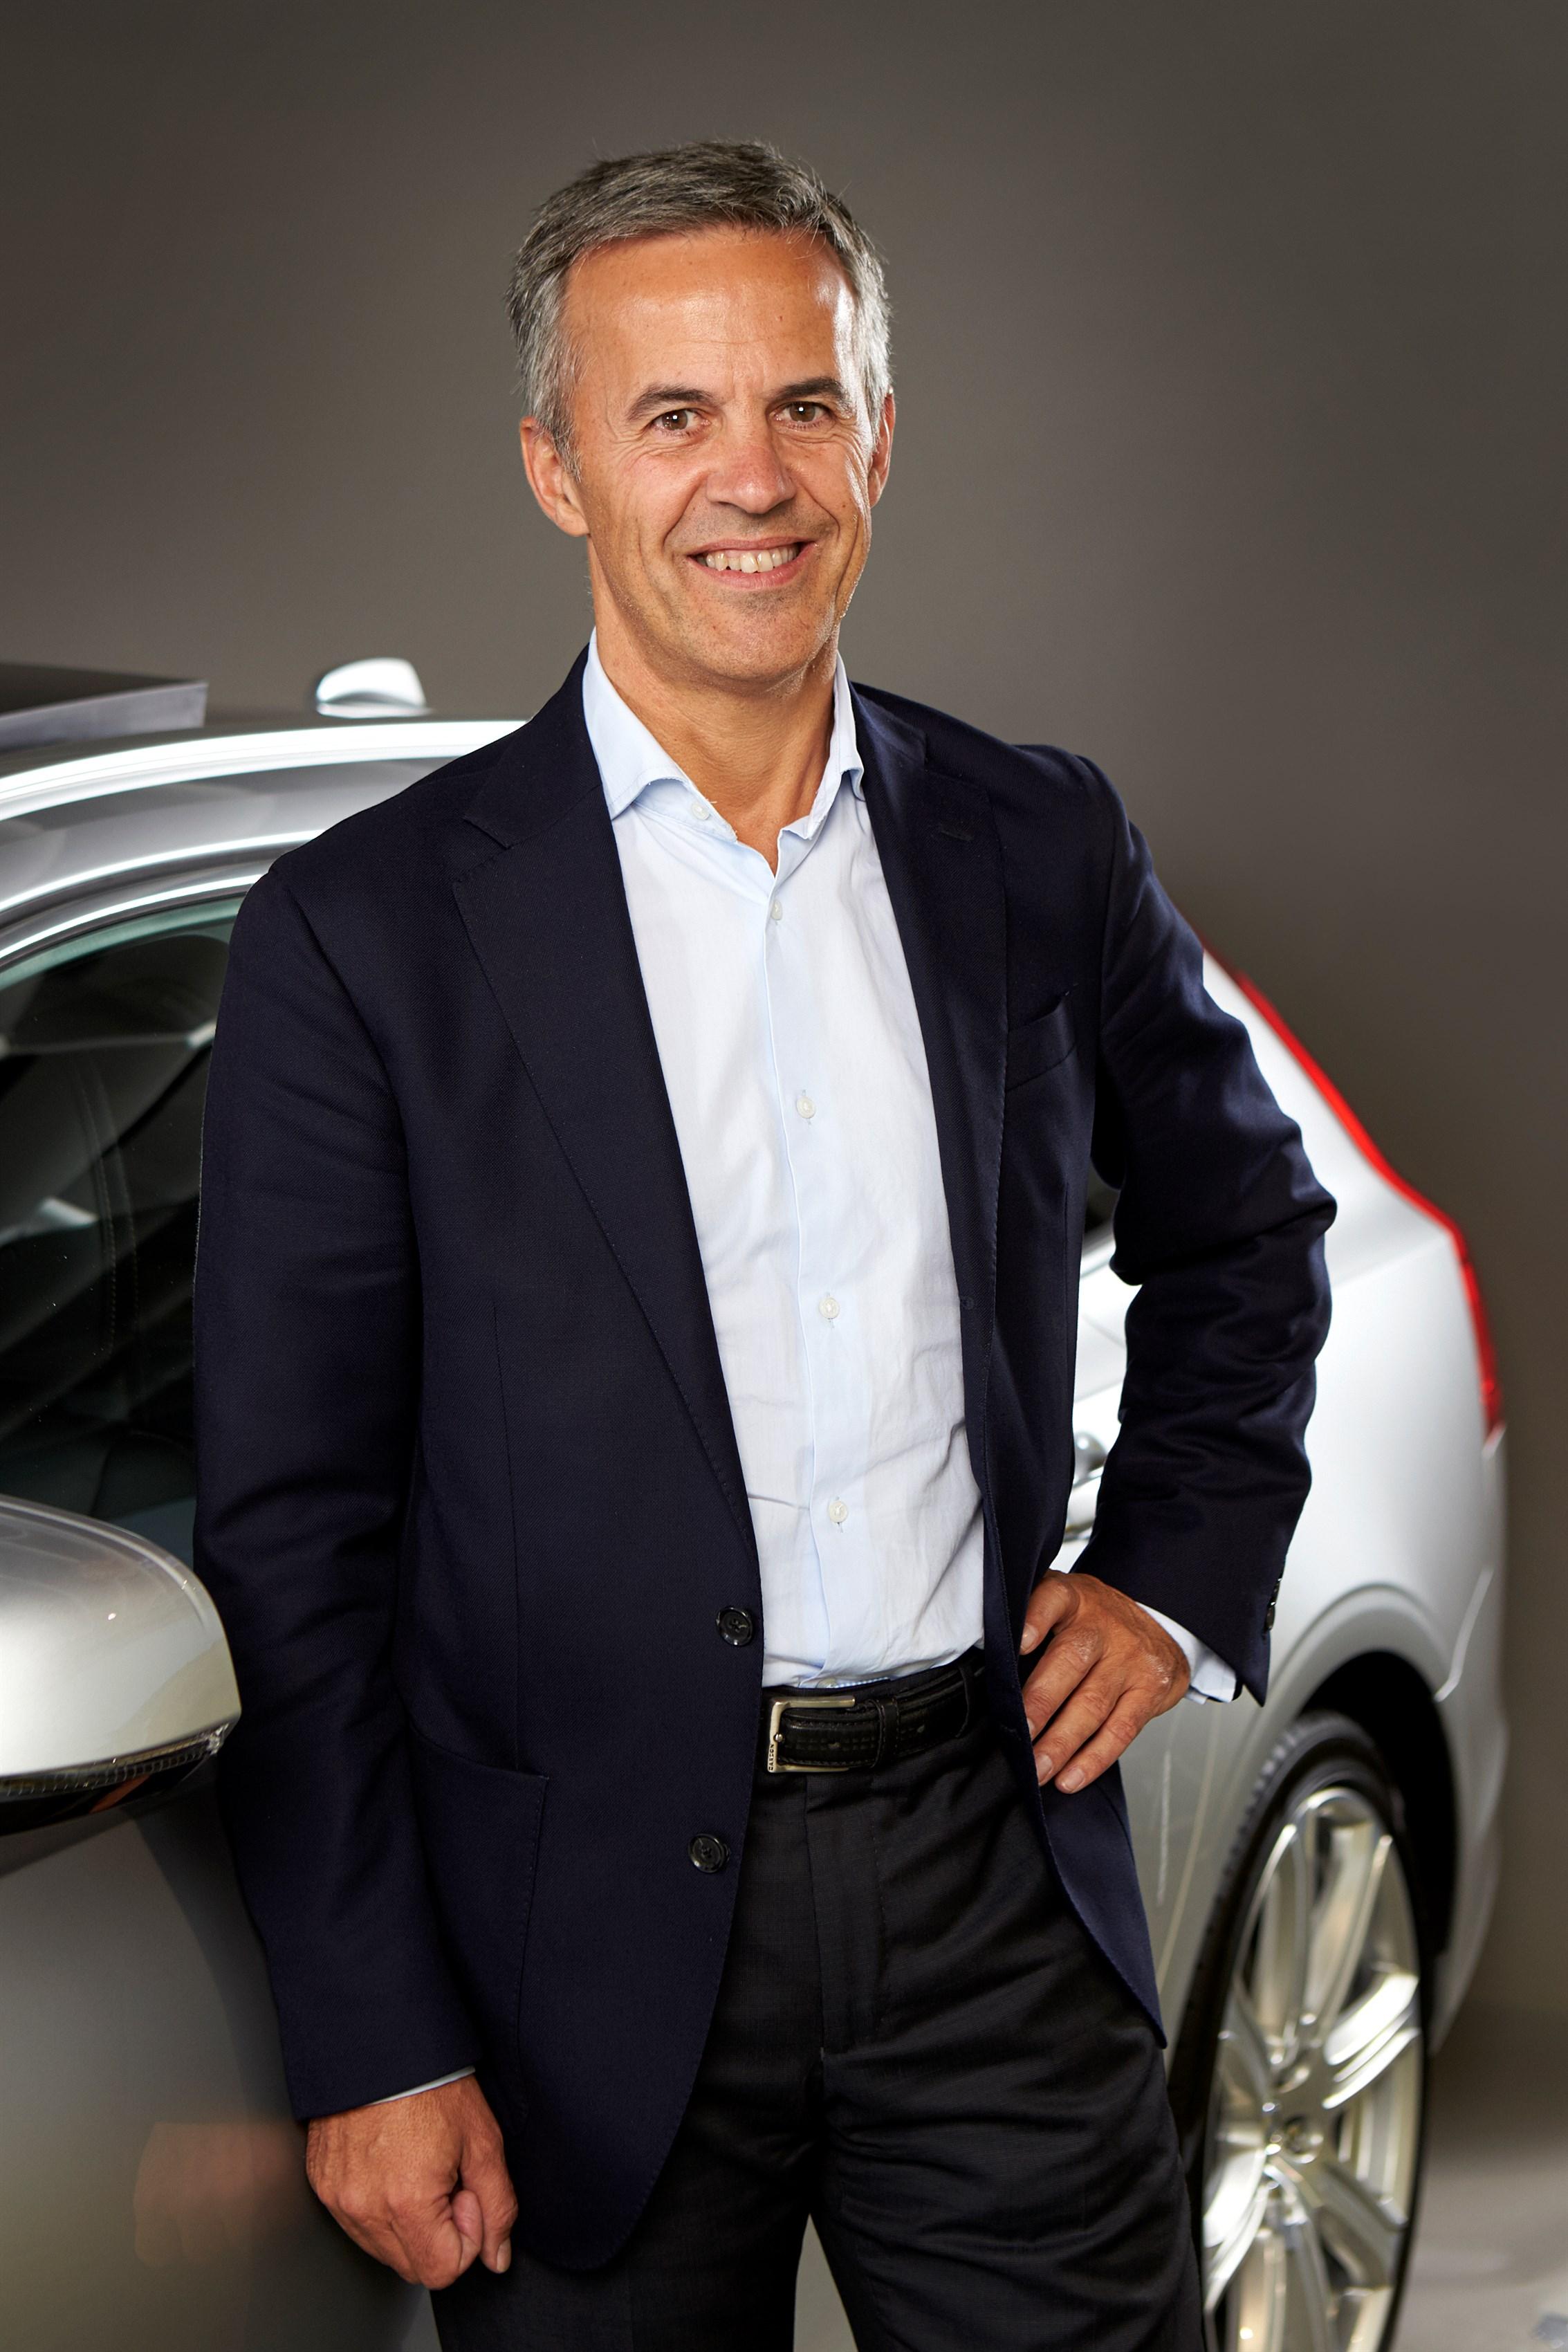 Η Volvo αυξάνει σε 80% τη συμμετοχή της ηλεκτρικής ενέργειας από ανανεώσιμες πηγές στο δίκτυο των εργοστασίων της